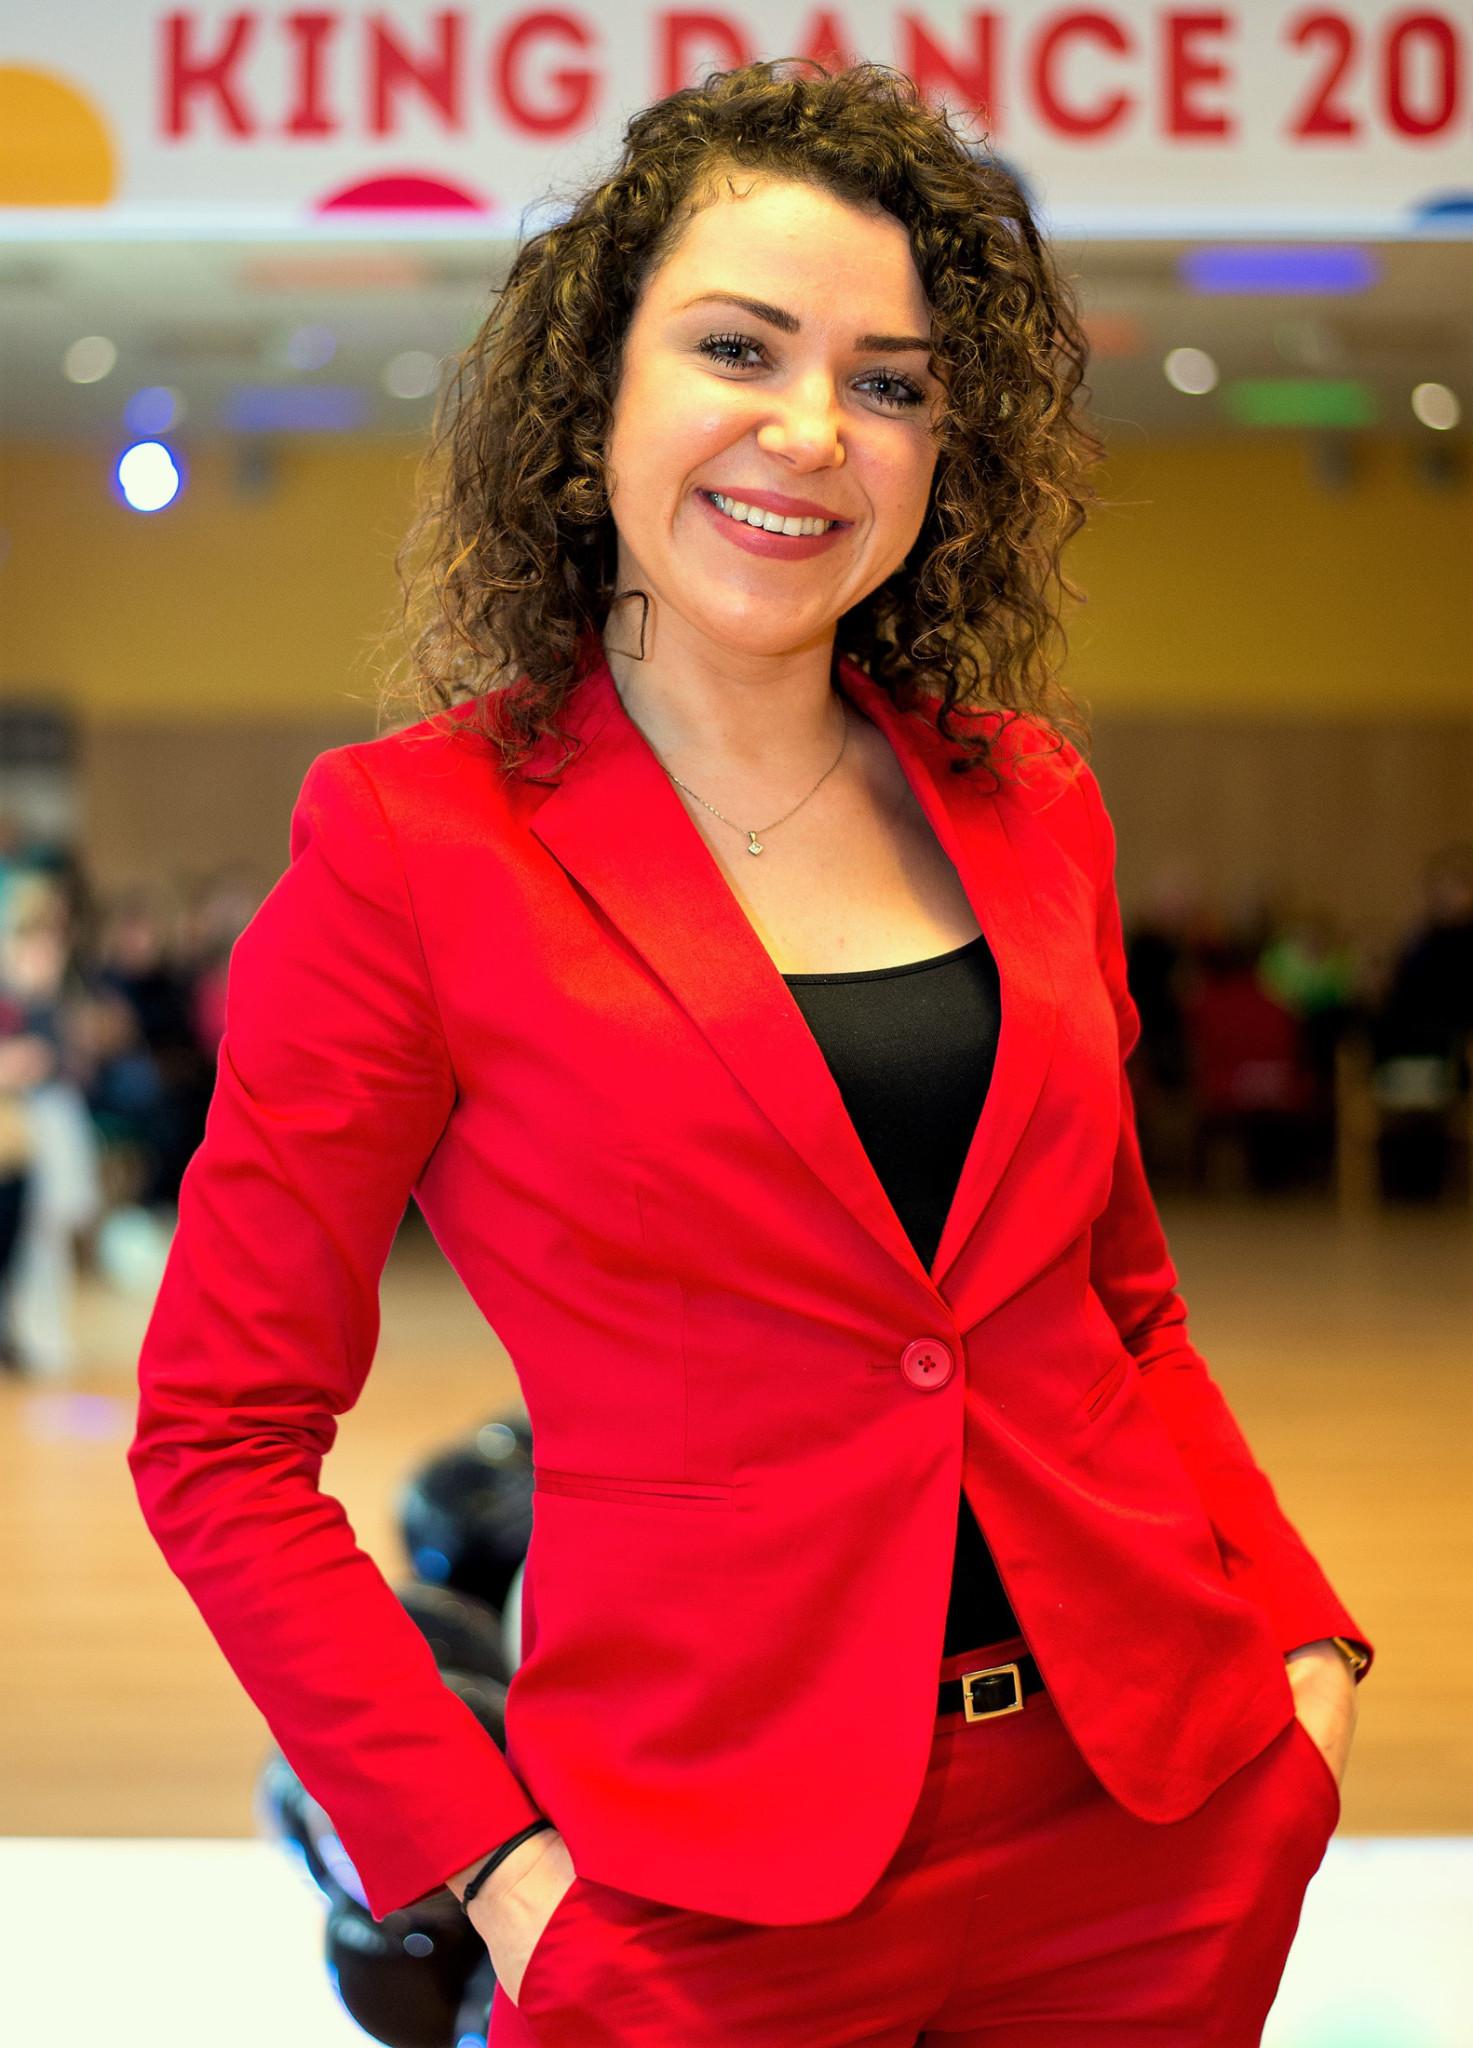 Kinga Olchowik, właścicielka Szkoły Tańca King Dance